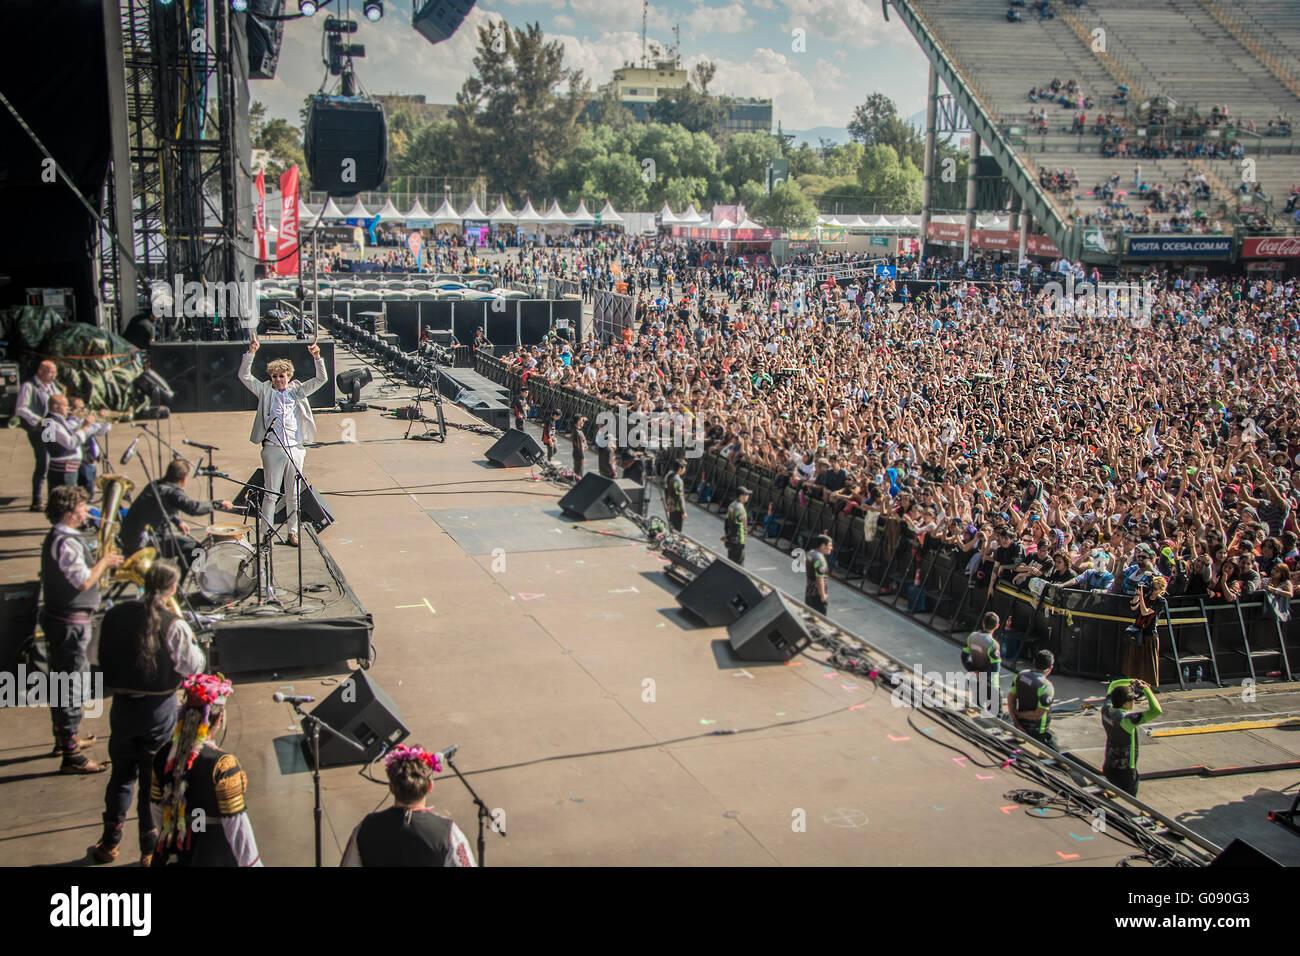 Backstage de Goran Bregovic en el festival Vive Latino 2016, Goran Bregovic después de terminar su presentación Imagen De Stock